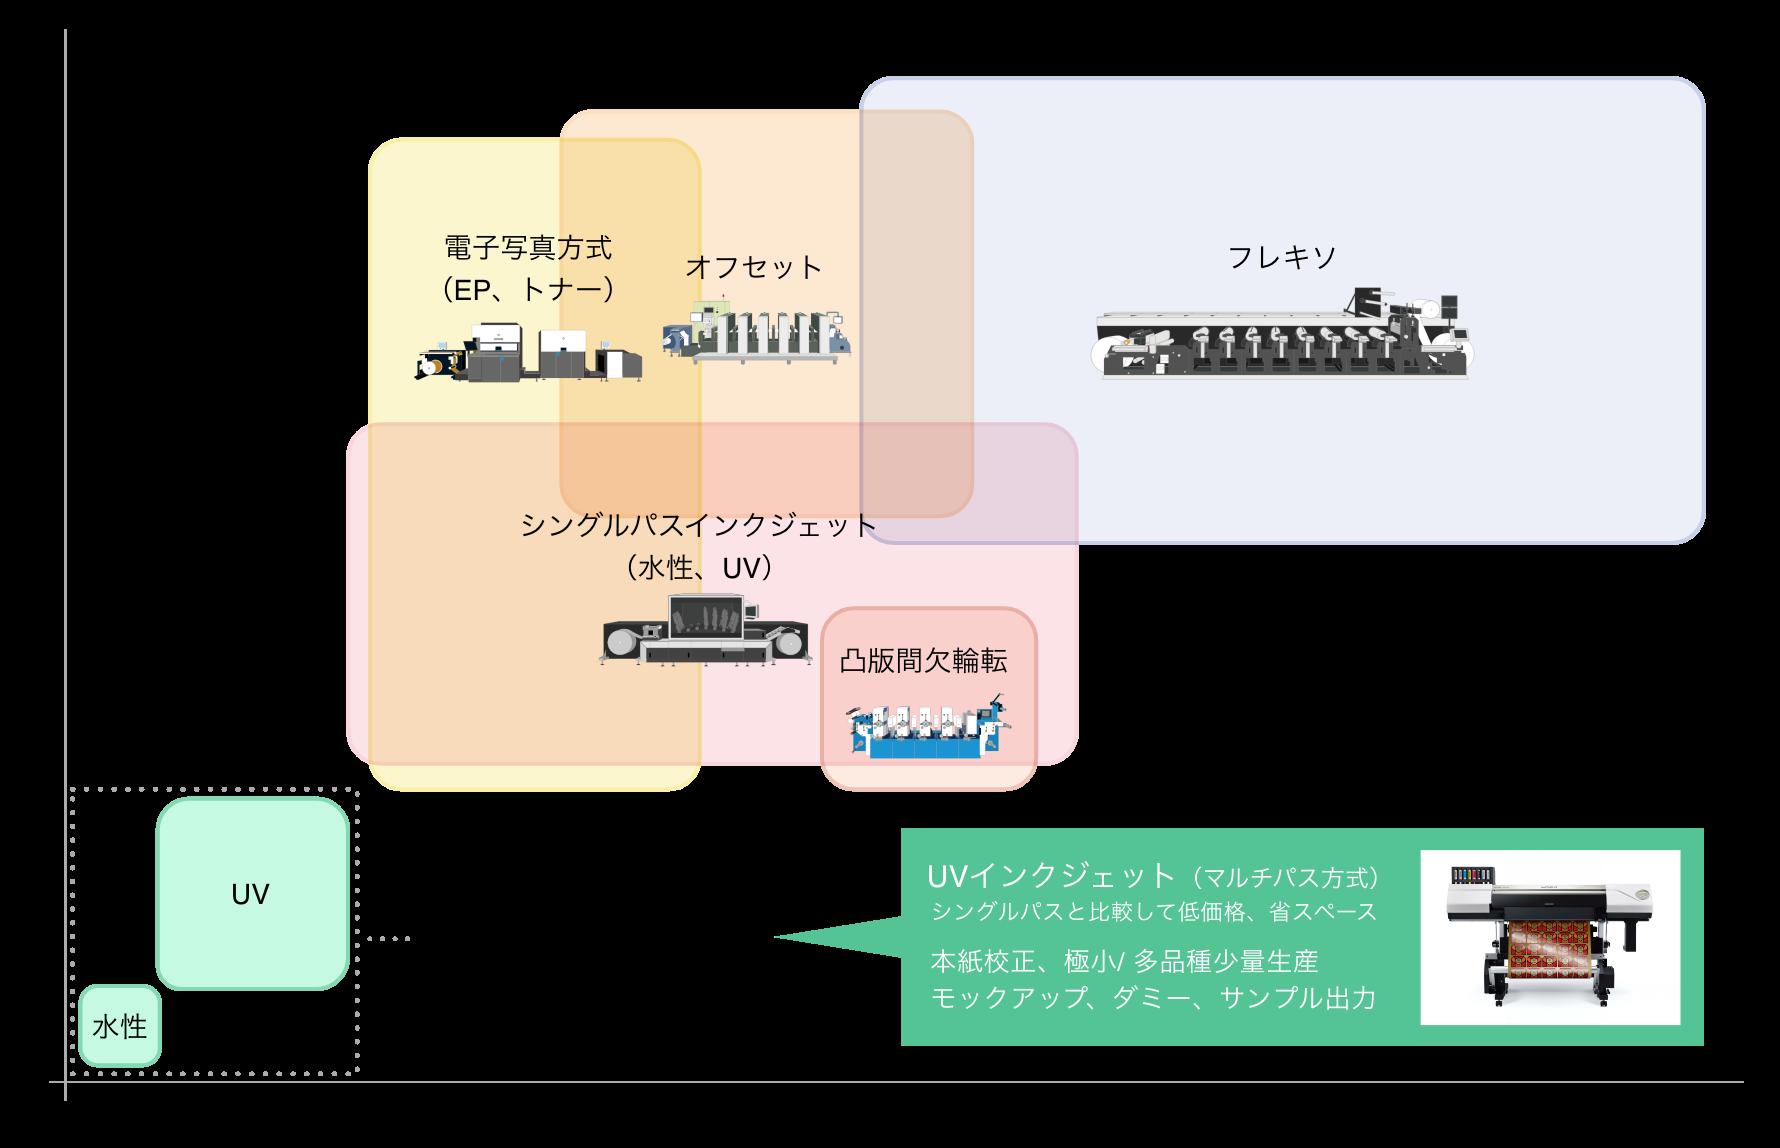 紙器パッケージ用デジタル印刷機の比較図